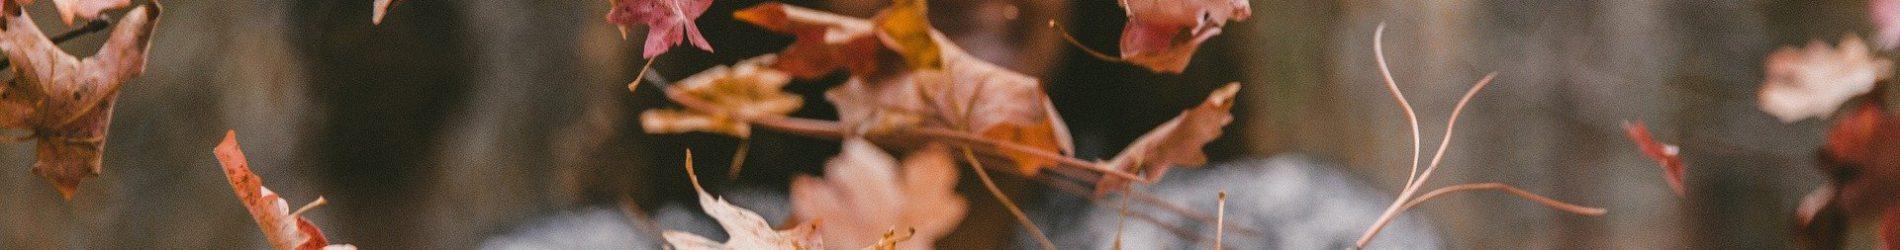 Herbstware in der Kleiderkammer